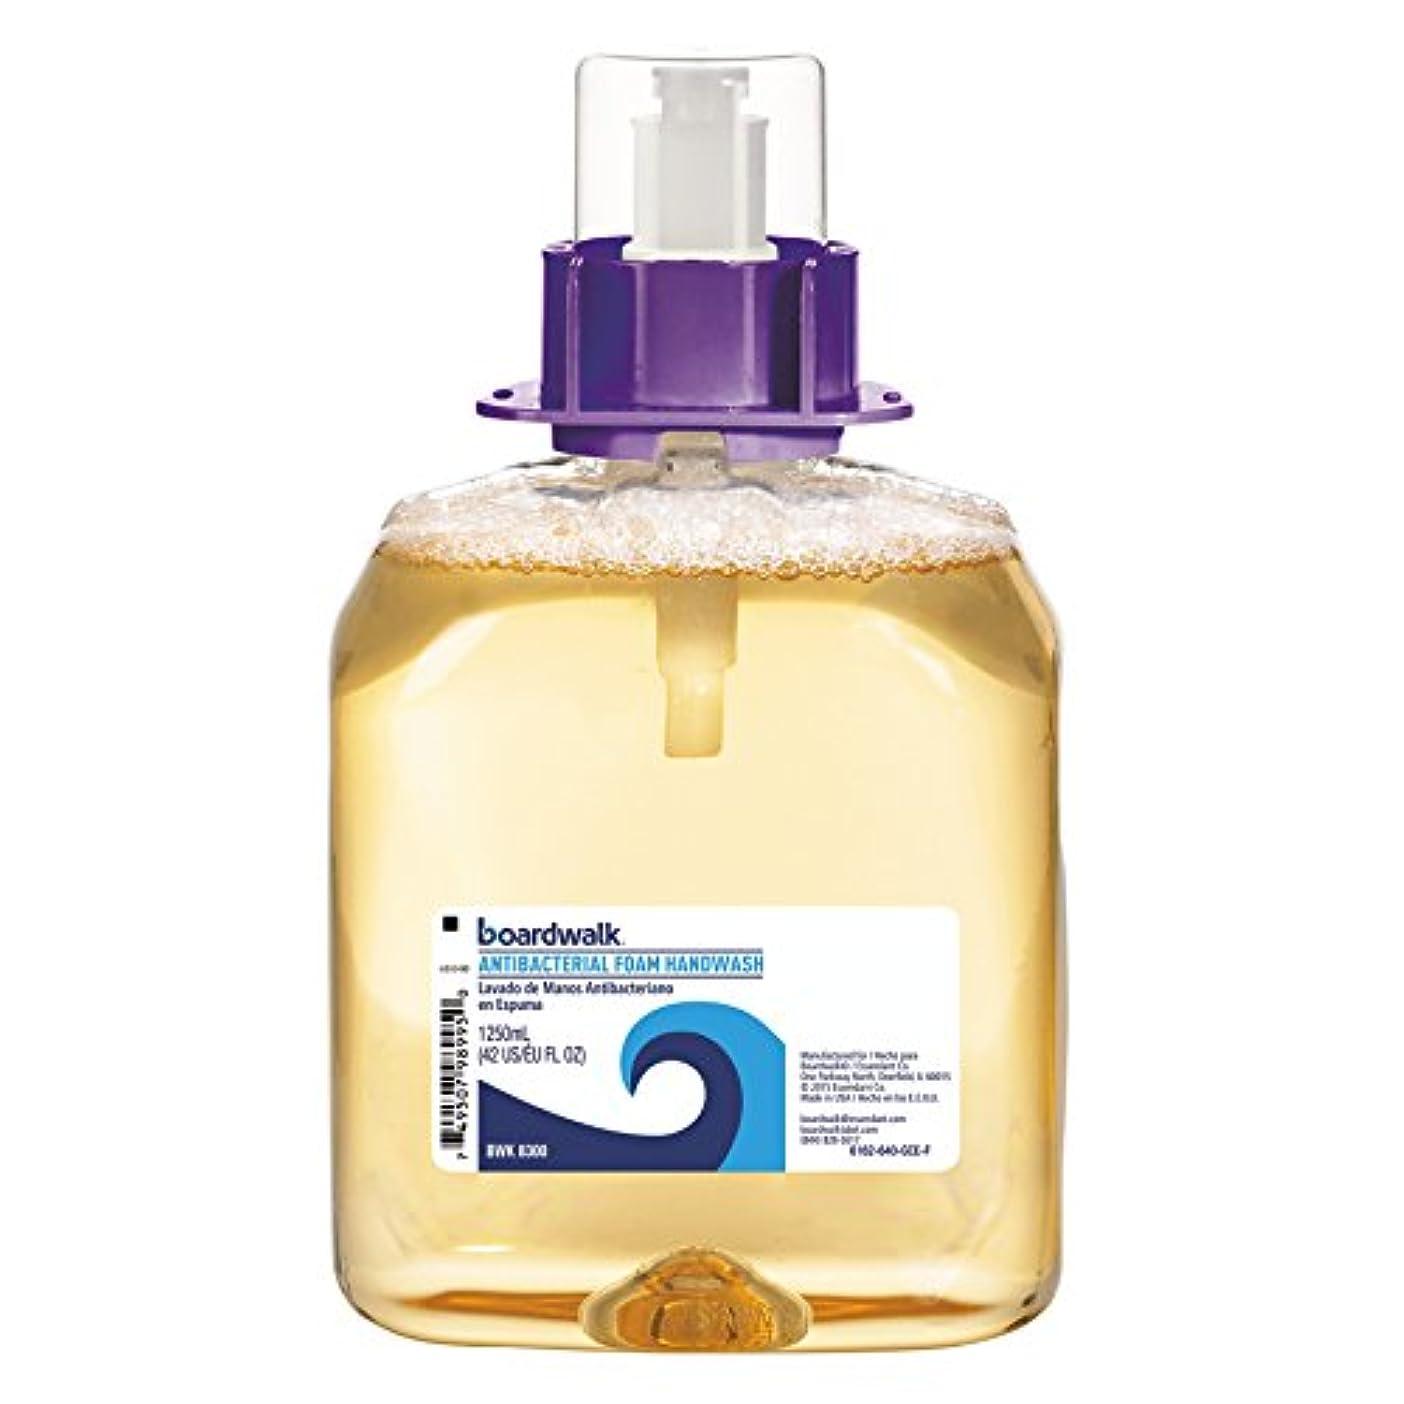 マキシム横向きドライFoam Antibacterial Handwash, Sweet Pea, 1250ml Refill, 4 per Carton (並行輸入品)